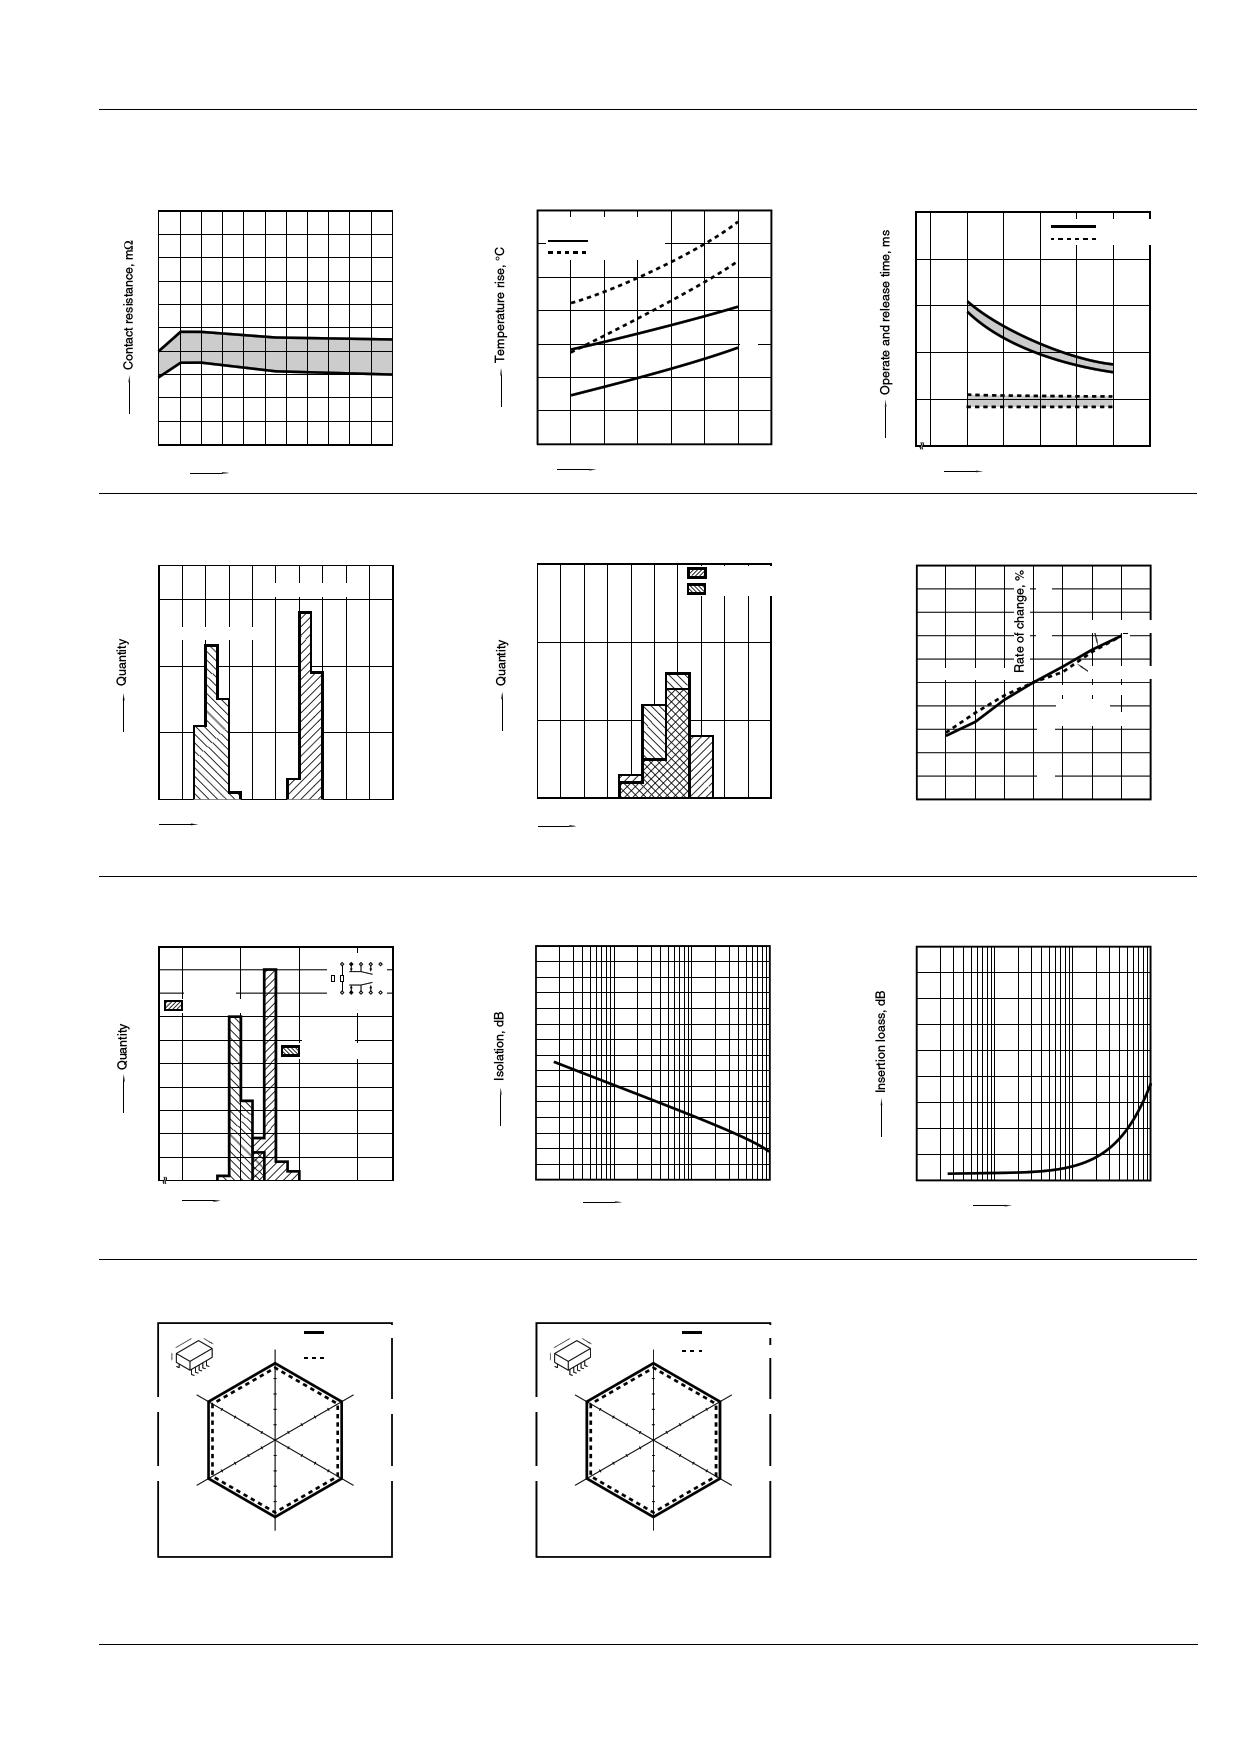 TQ2SS-9V pdf, 반도체, 판매, 대치품